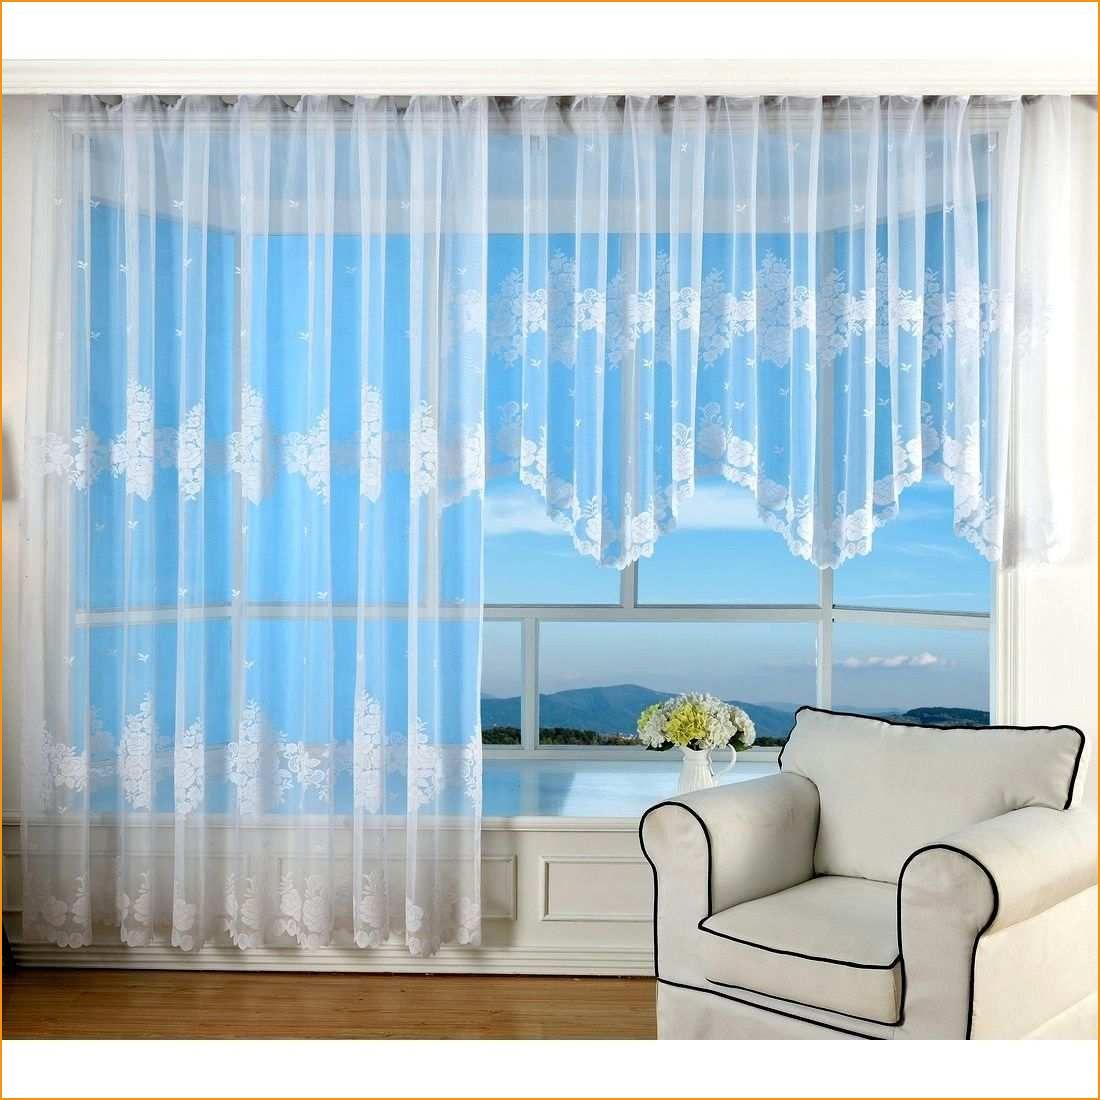 Stores Gardinen Store Turnitz Gardinenstoff Online Kaufen Gardinenstores In 2020 Home Decor Decor Curtains